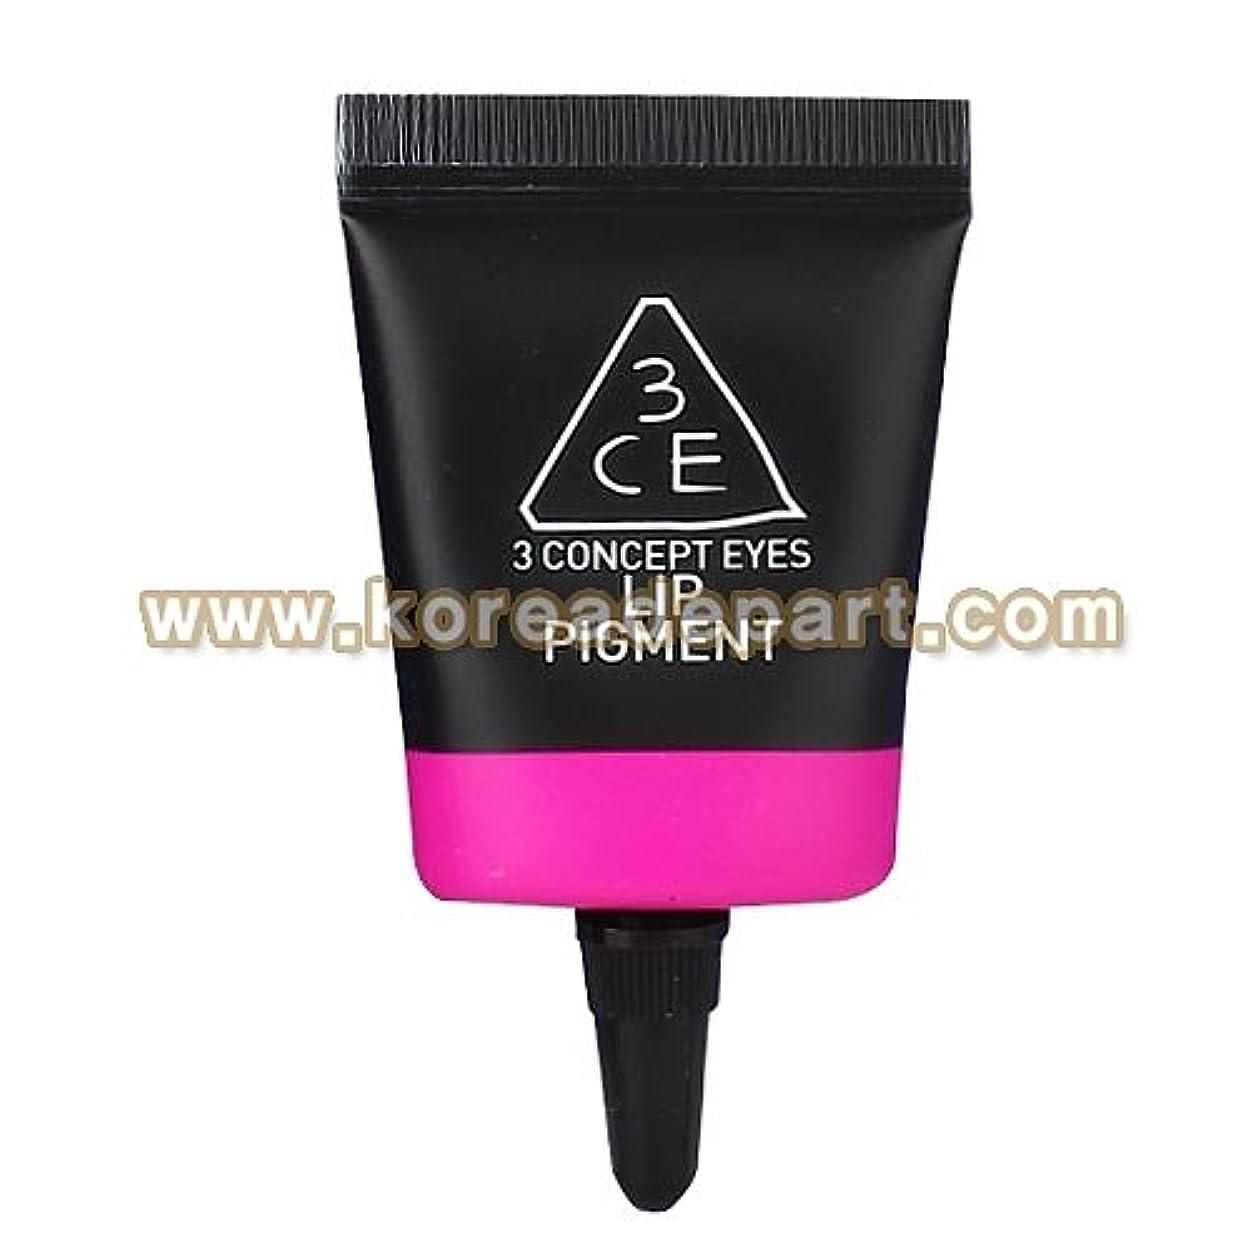 知人スキャンダラス記念日3CE リップ ピグメント (electro pink) [海外直送品][並行輸入品]